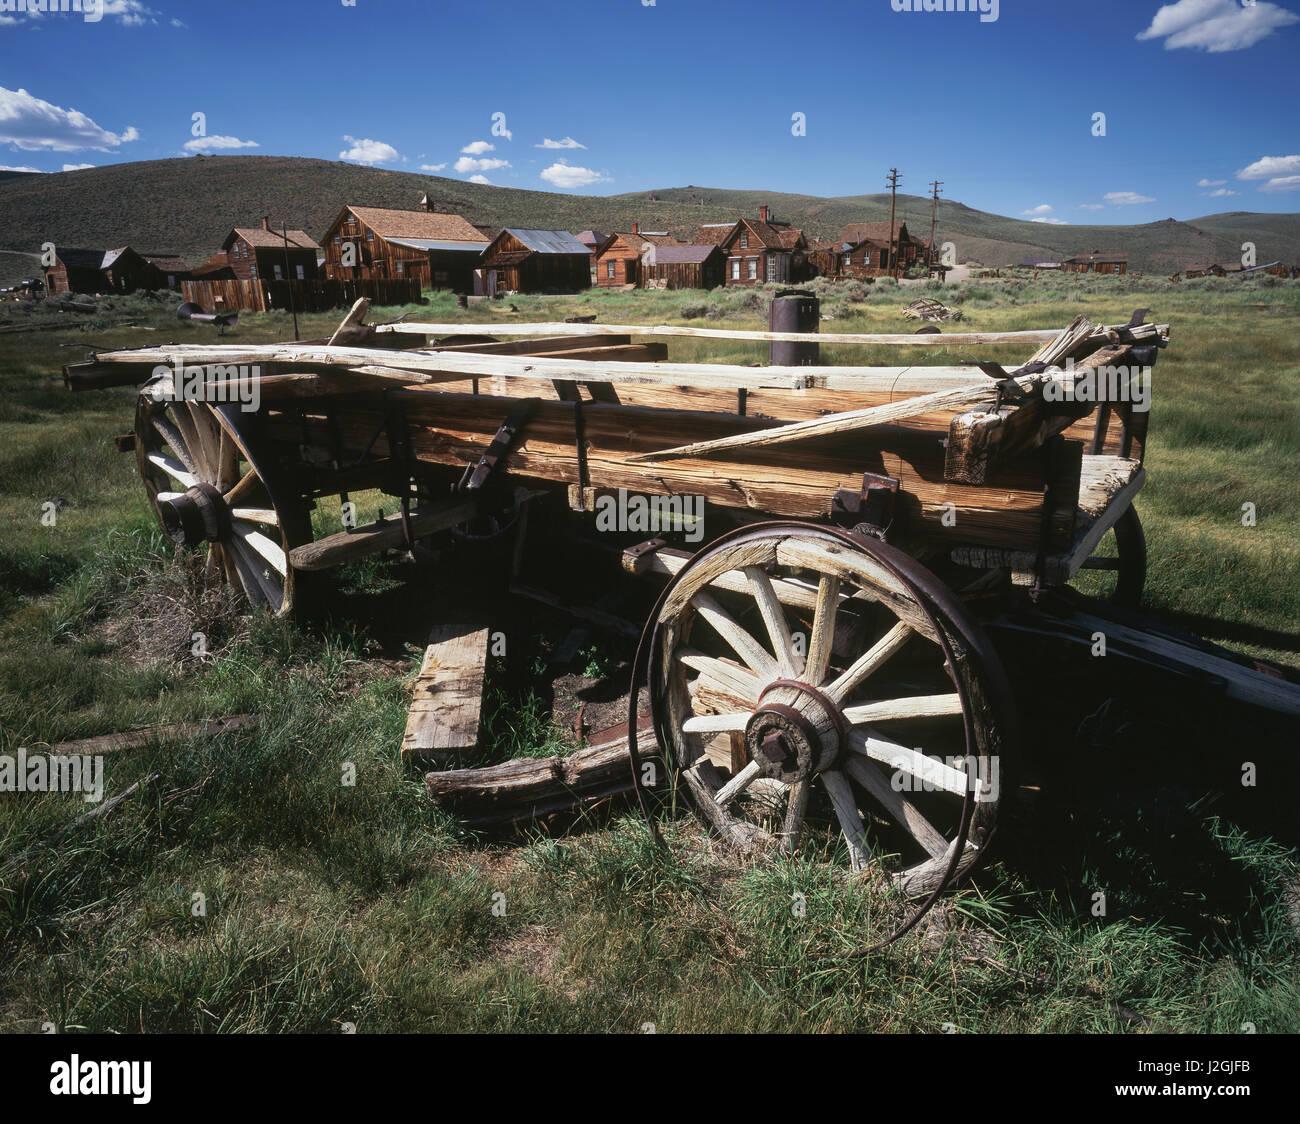 USA, Kalifornien, Bodie State Historic Park, einem alten Wagen und Gebäuden in einer westlichen Geisterstadt. Stockbild